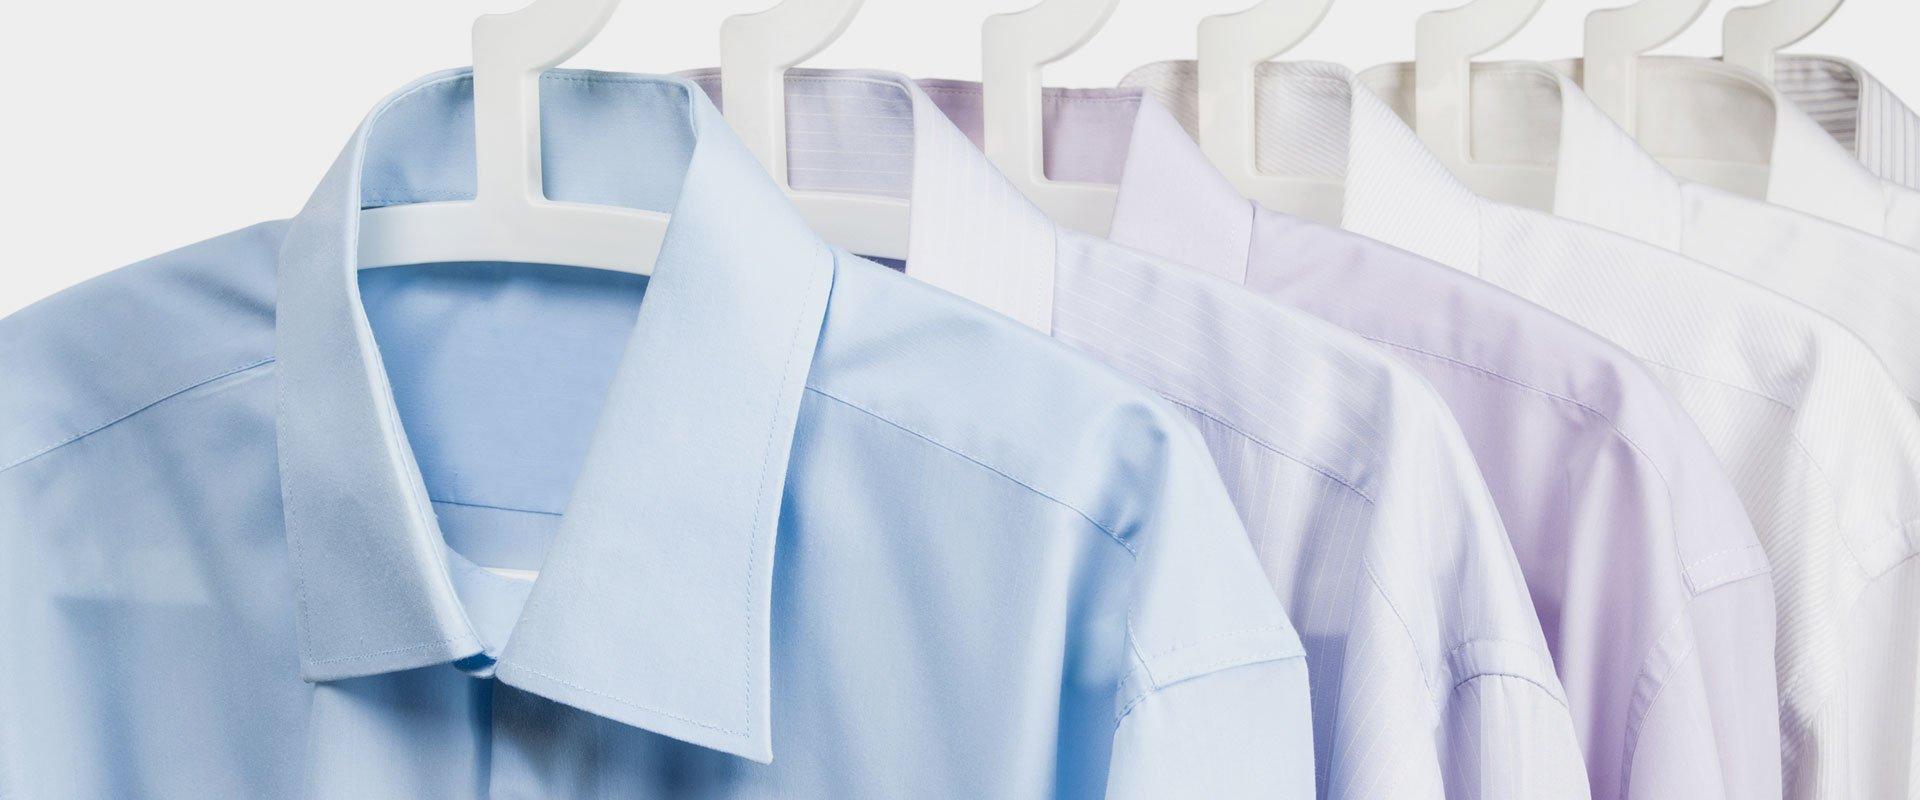 ironed shirts